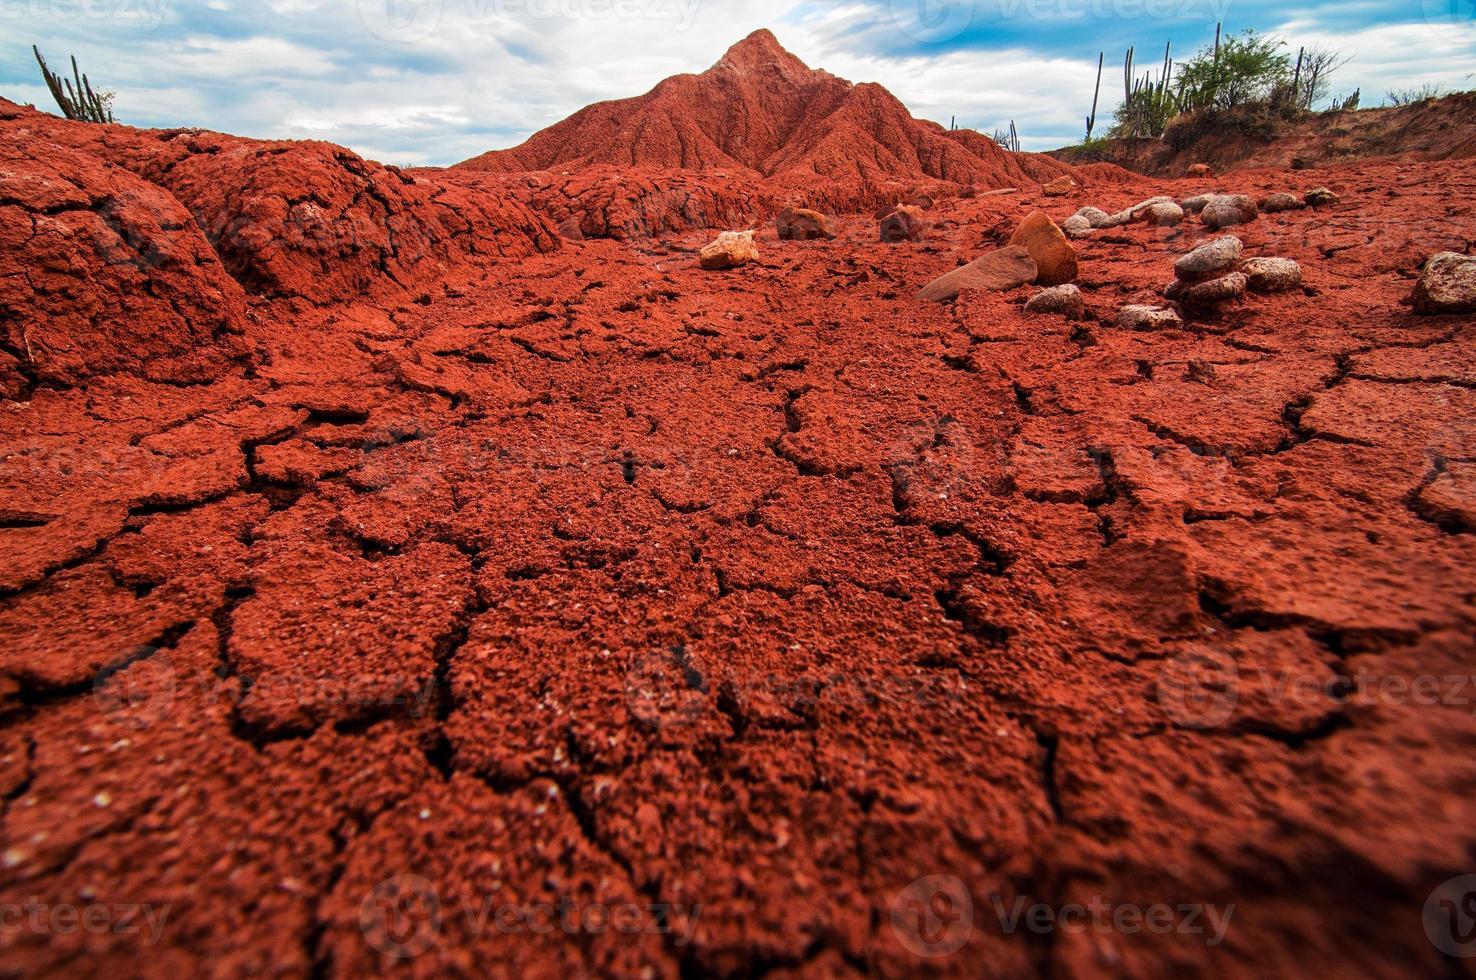 dettagli del deserto foto